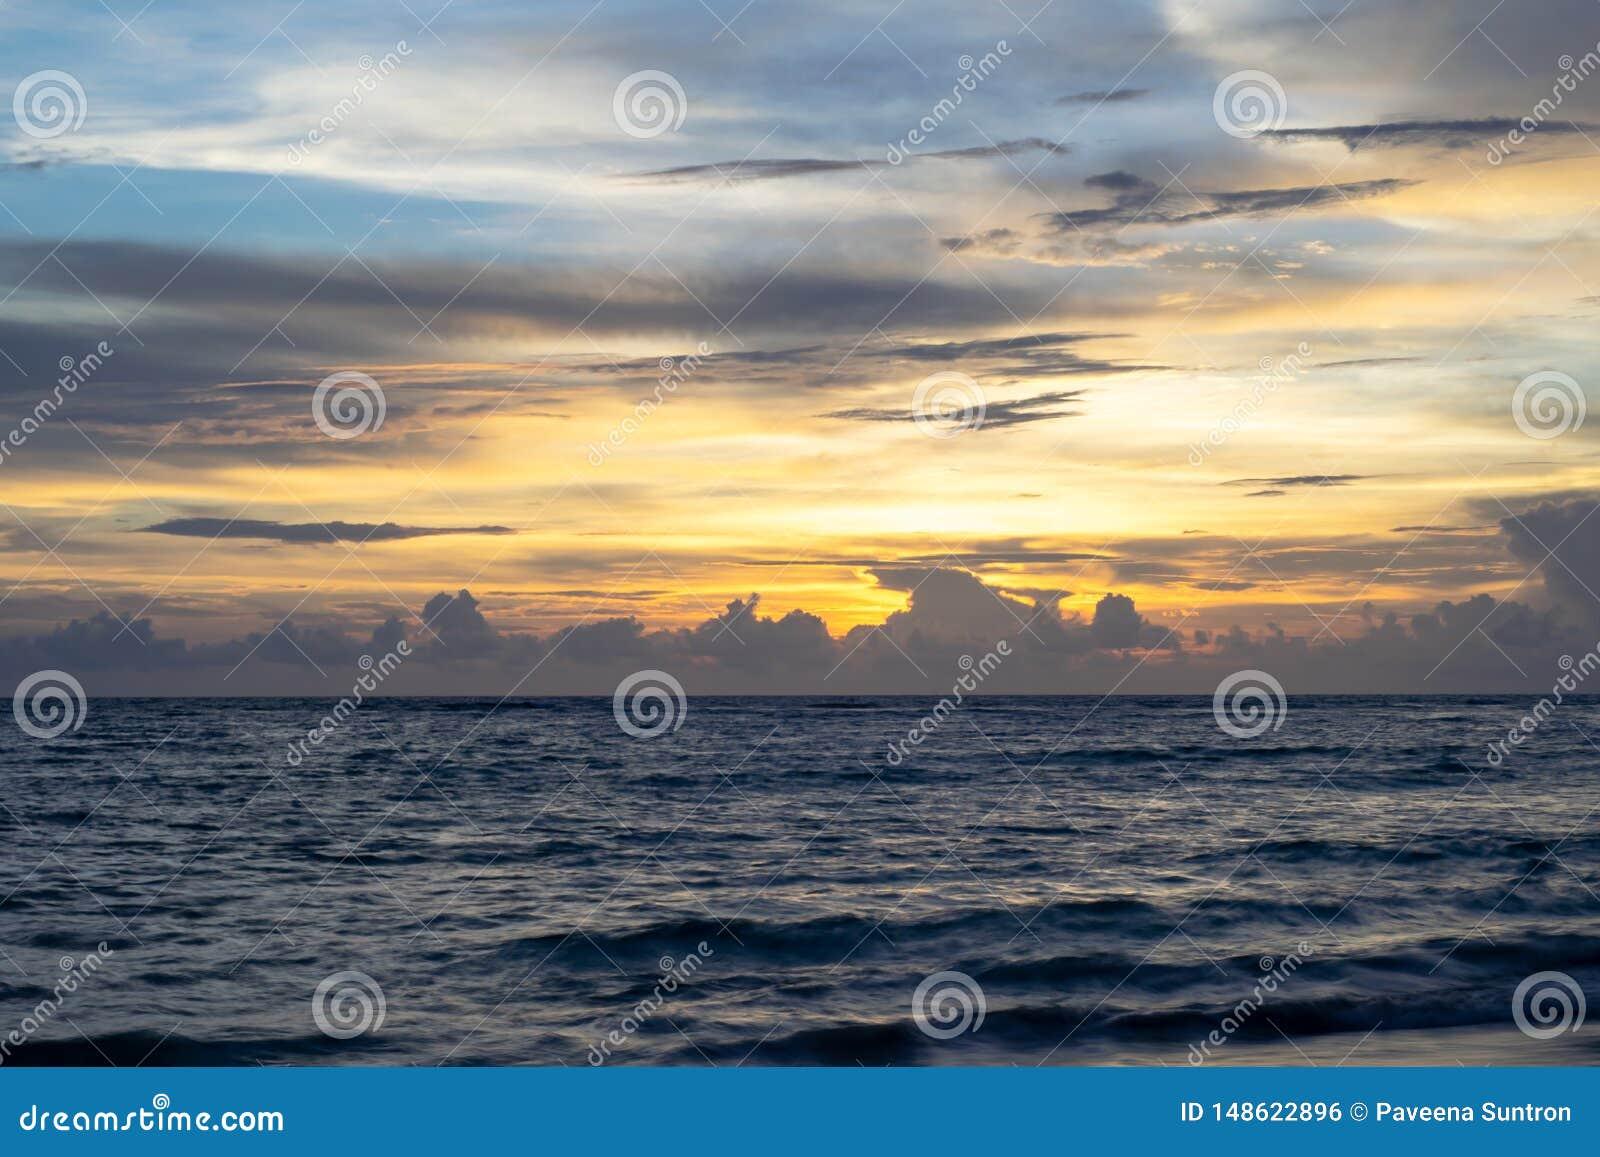 Ciel de croisement de coucher du soleil, lumi?re orange, vagues de mer calme